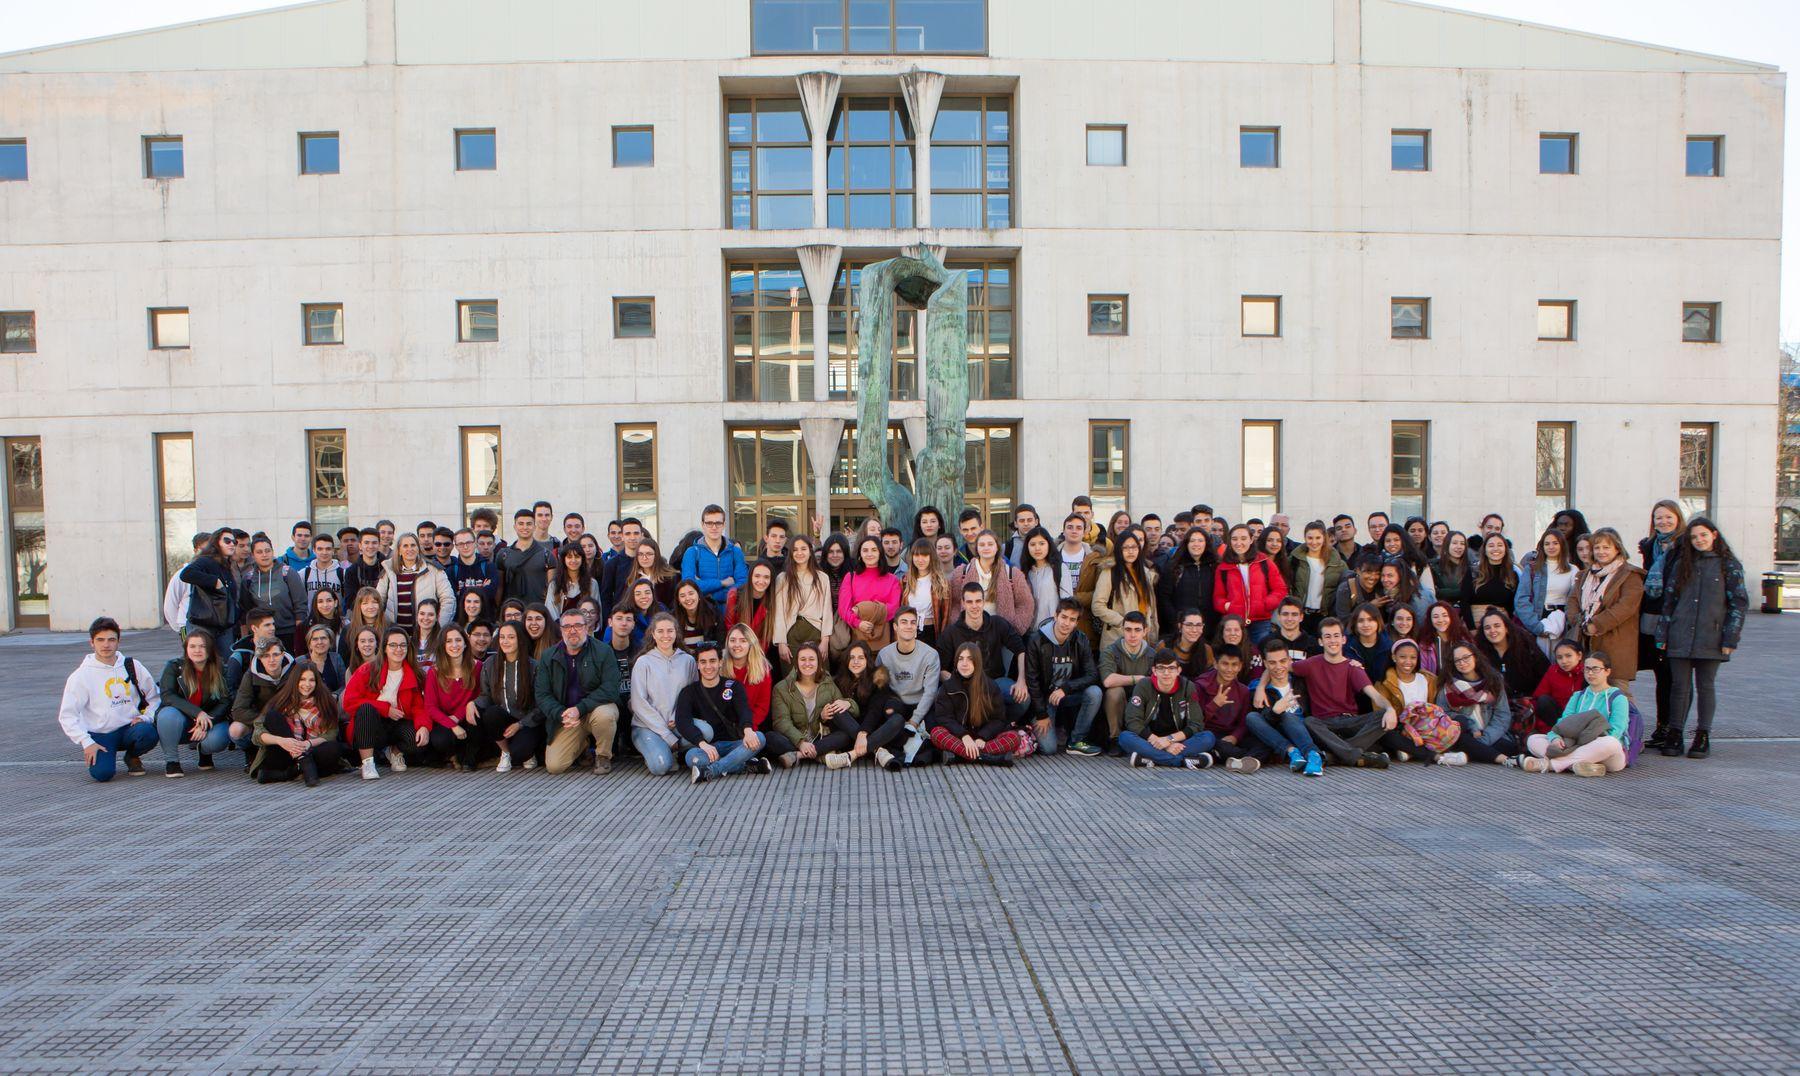 Estudiantes del IES Plaza de la Cruz de Pamplona posan en el campus de Arrosadia de la UPNA